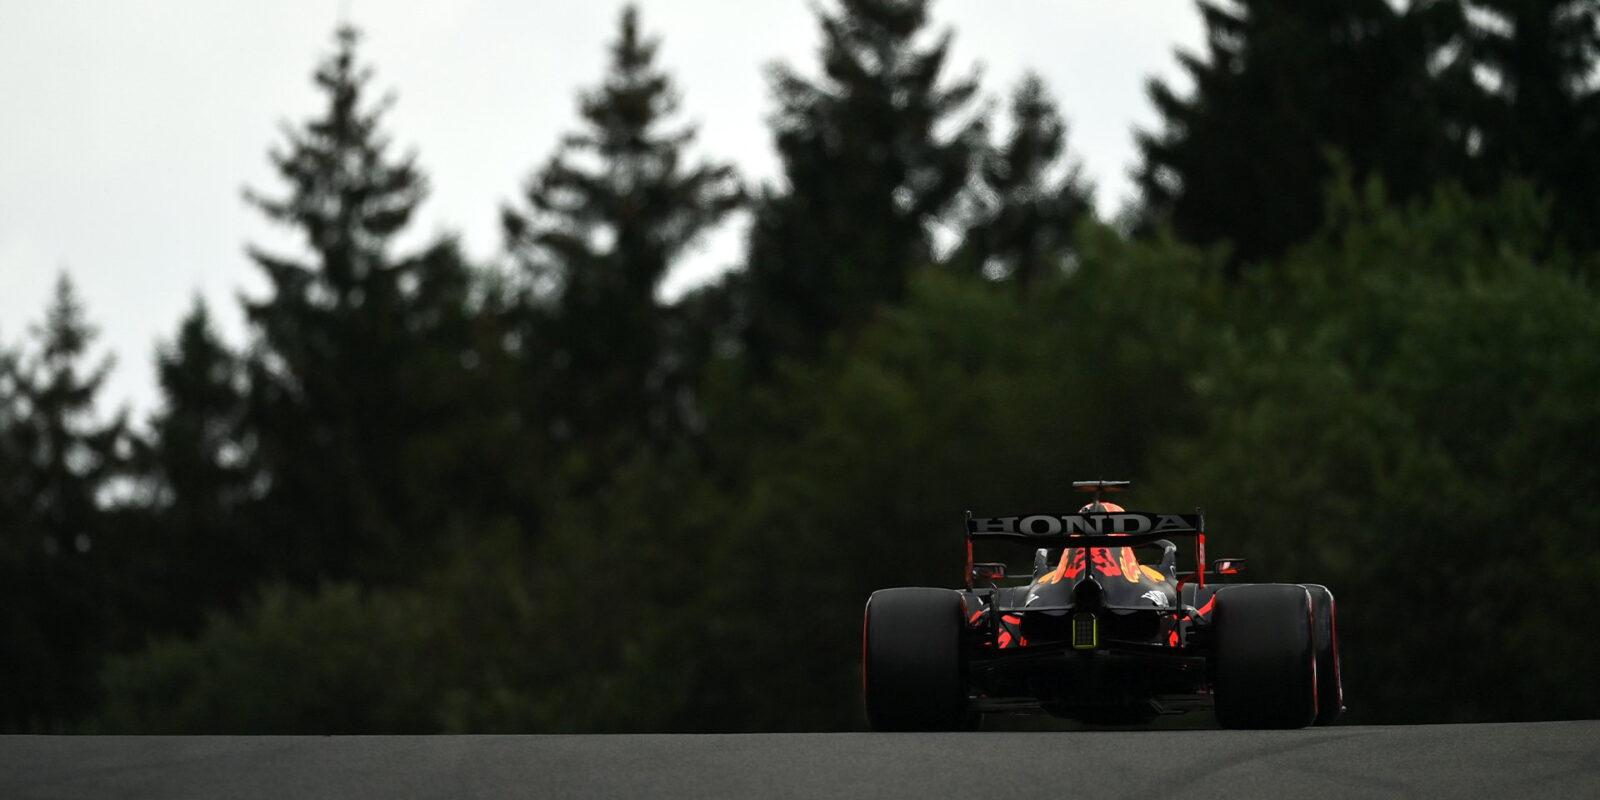 Druhý trénink patřil Verstappenovi, na konci boural